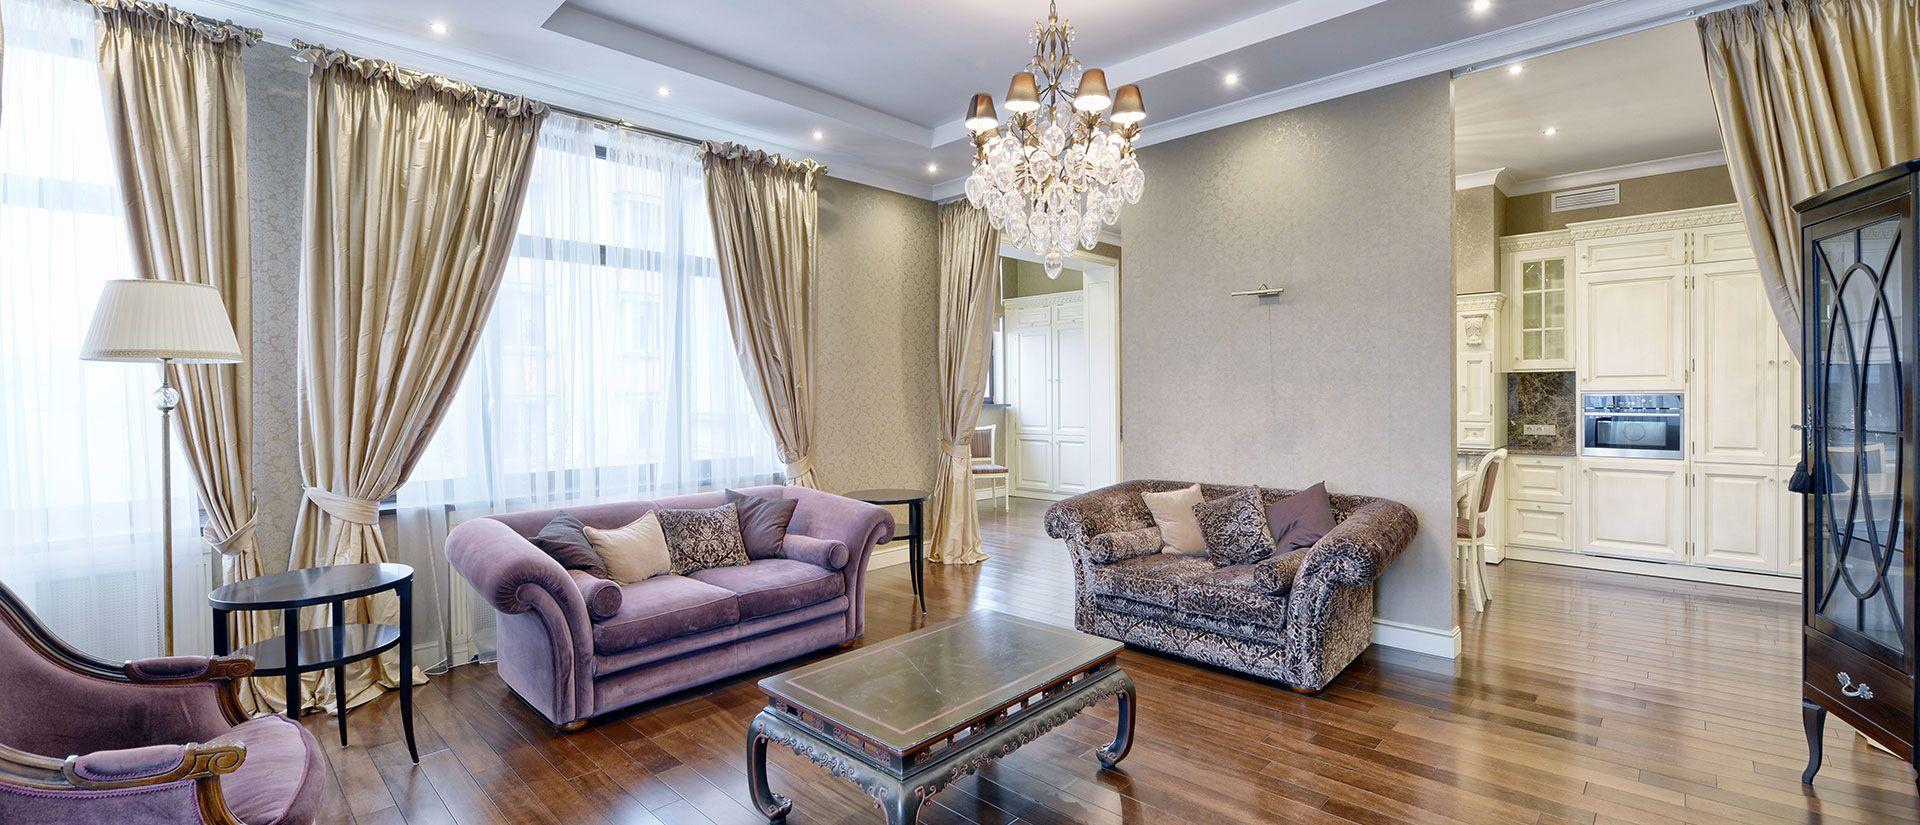 Schöne Wohnzimmer